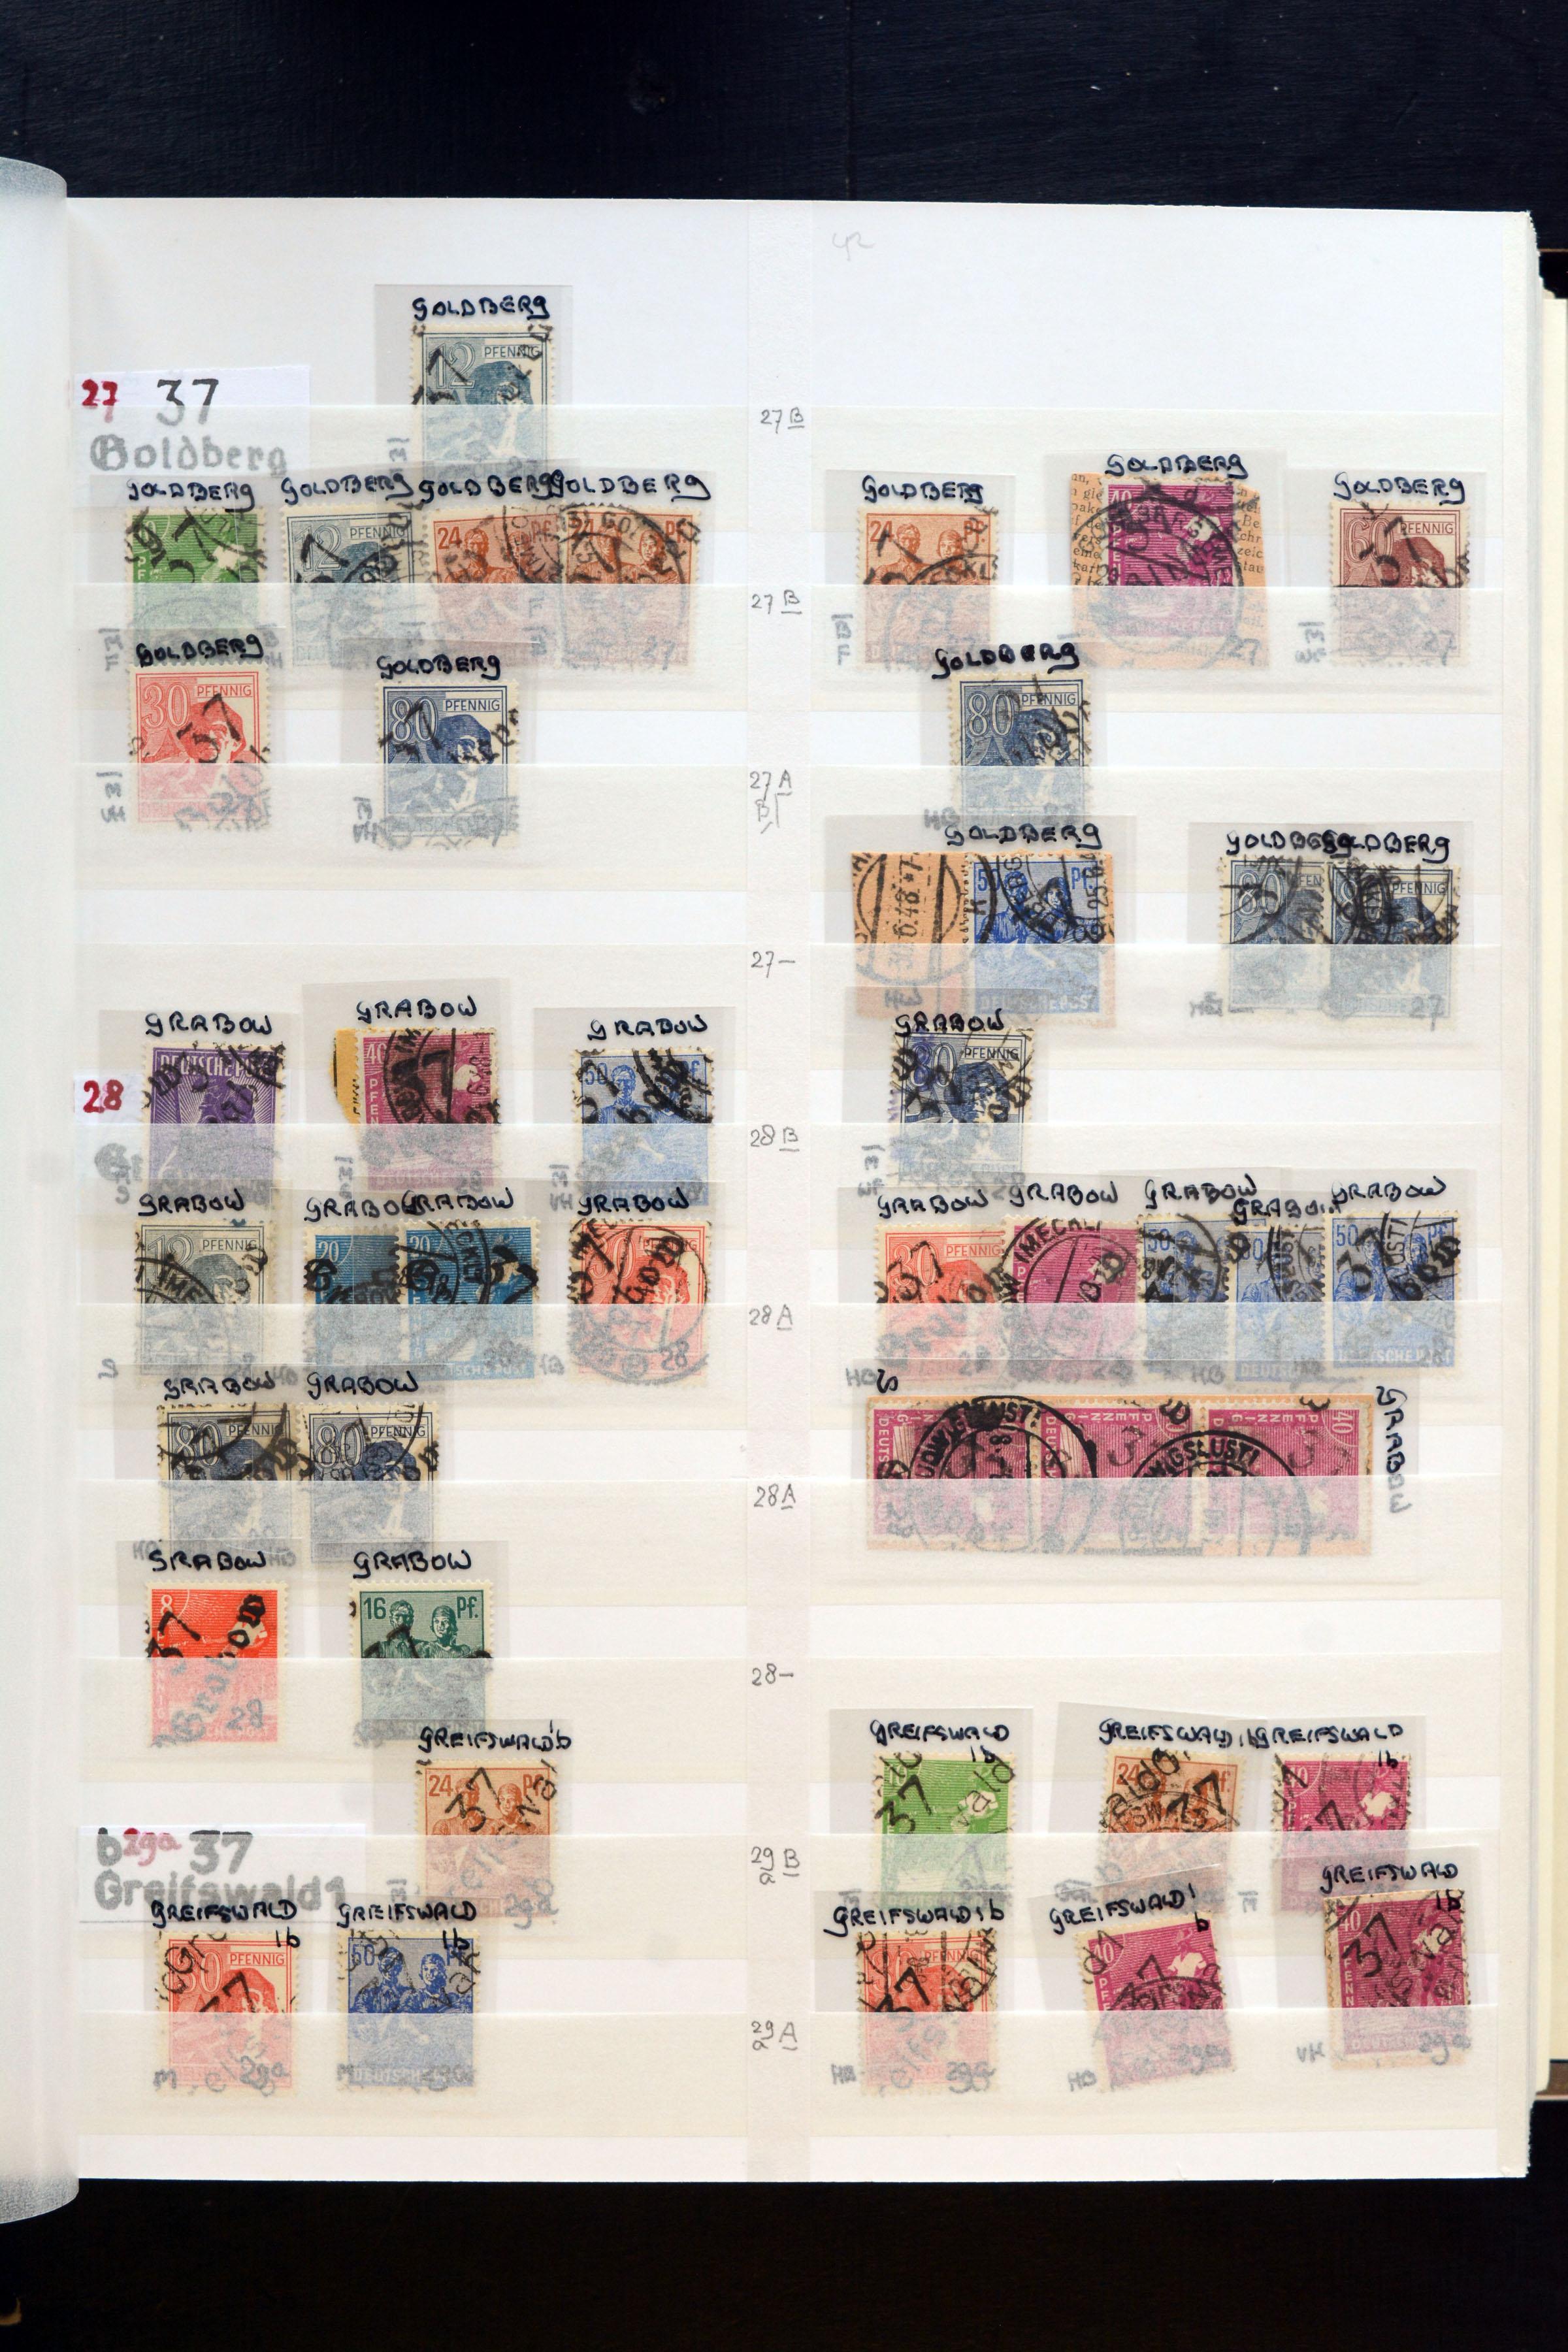 Lot 5165 - sbz (soviet occupation zone) SBZ - Handstamp overprints -  Heinrich Koehler Auktionen Auction #368- Day 3